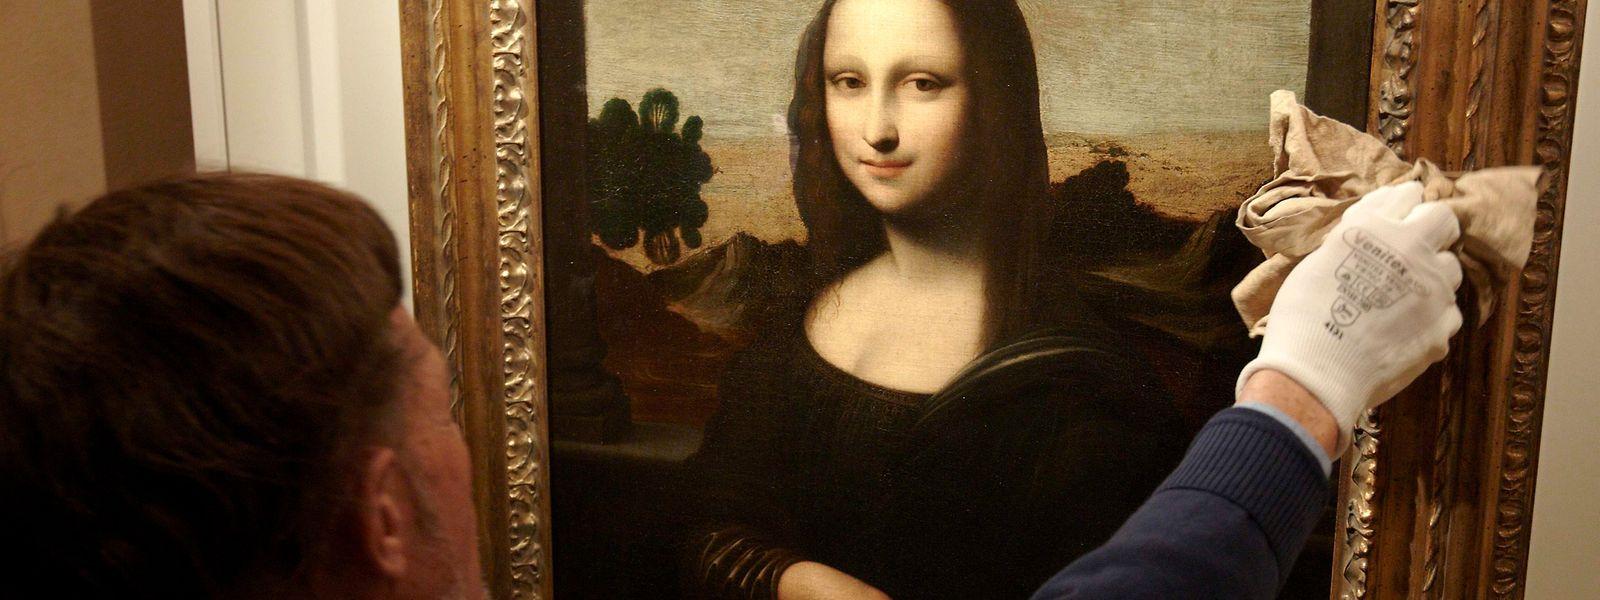 A défaut de pouvoir l'approcher, les visiteurs repartent avec une foule de gadgets à l'image de la belle Mona Lisa.